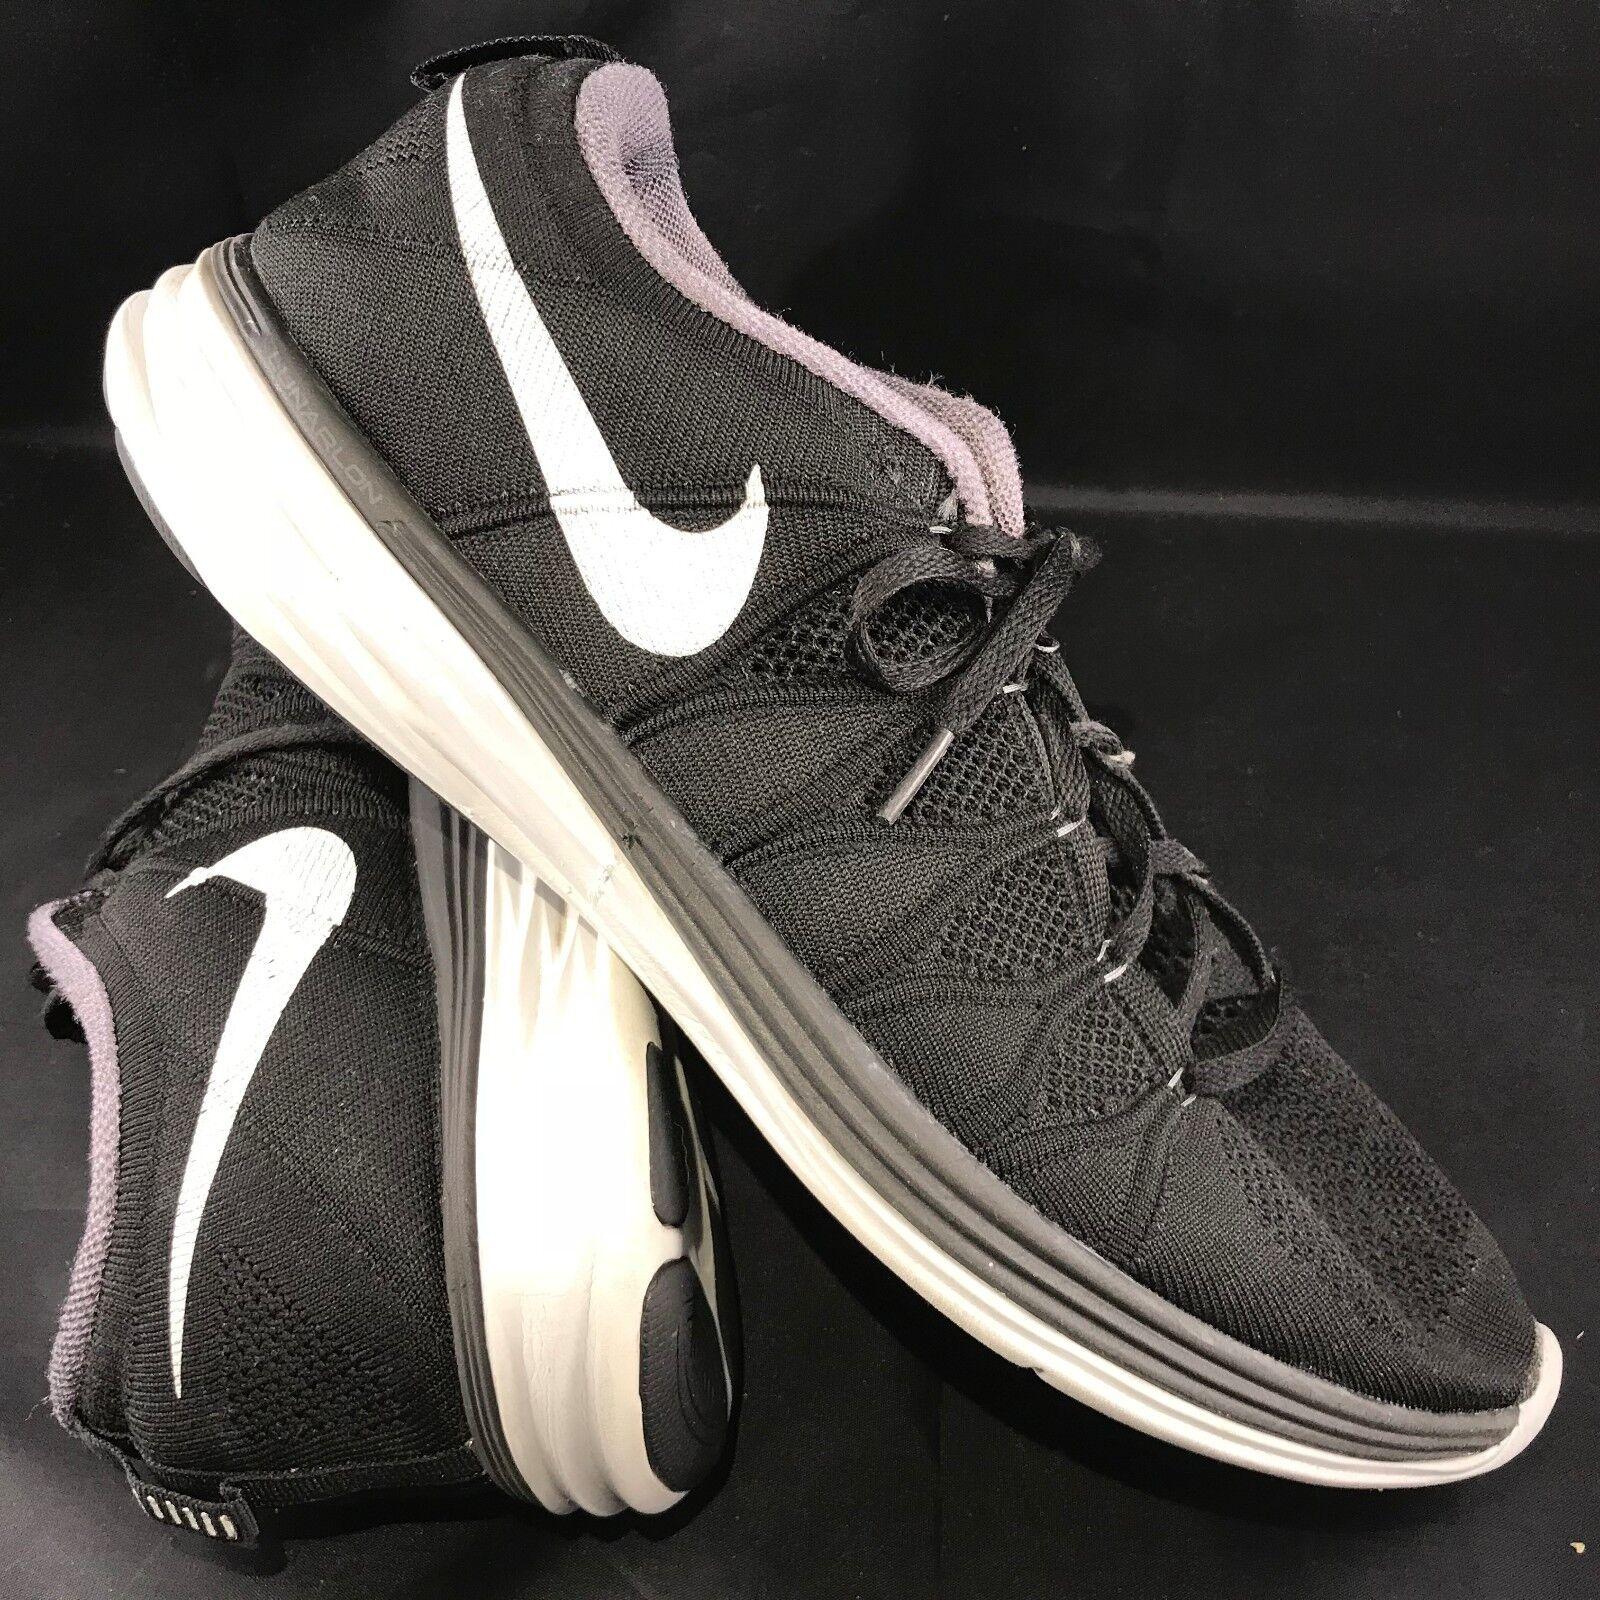 nouvelles nike lebron 11 dunkHommes xi taille 12 dunkHommes 11 Vert volt chaussure de basket 616175-300 e48b77